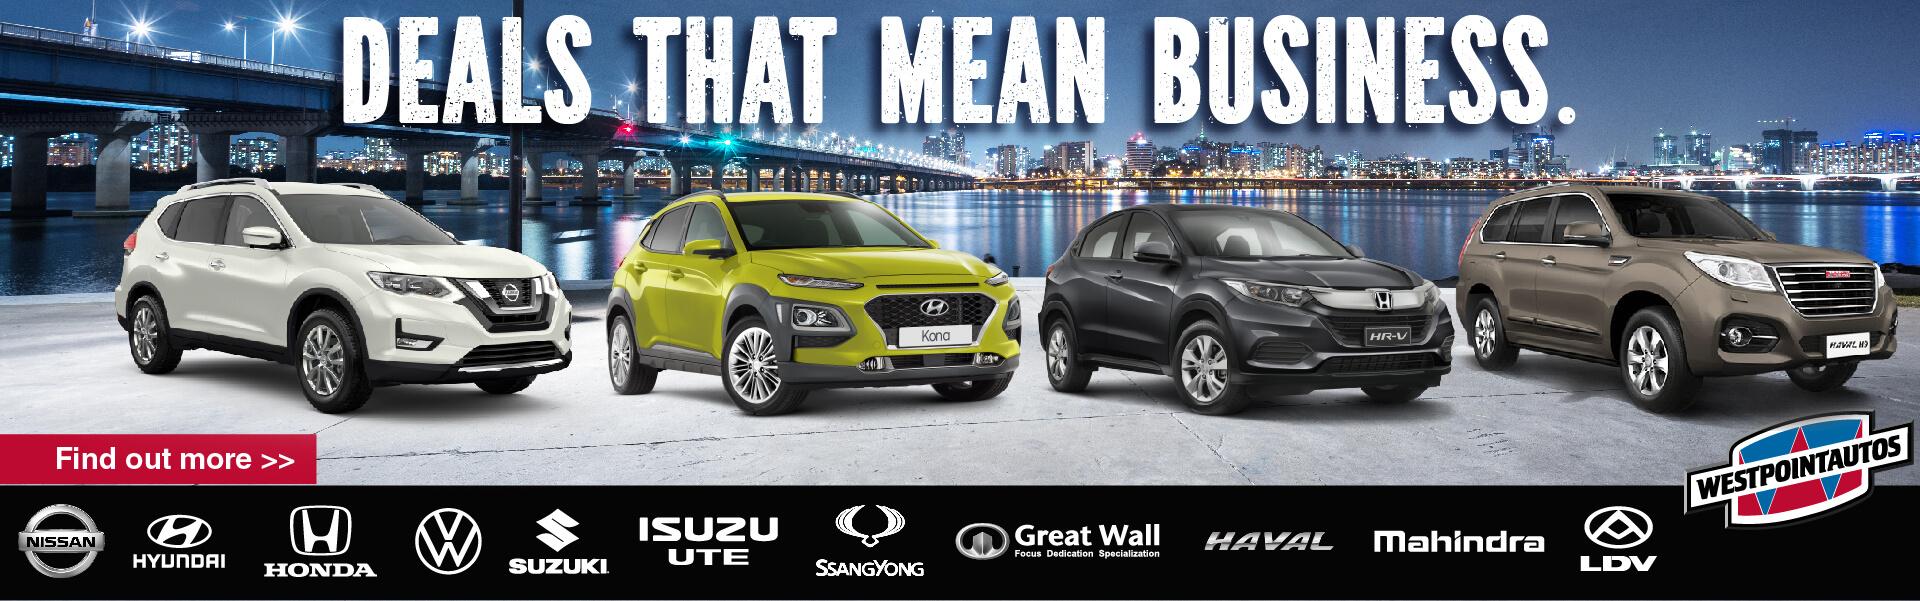 WestpointAutos-Deals-That-Mean-Business